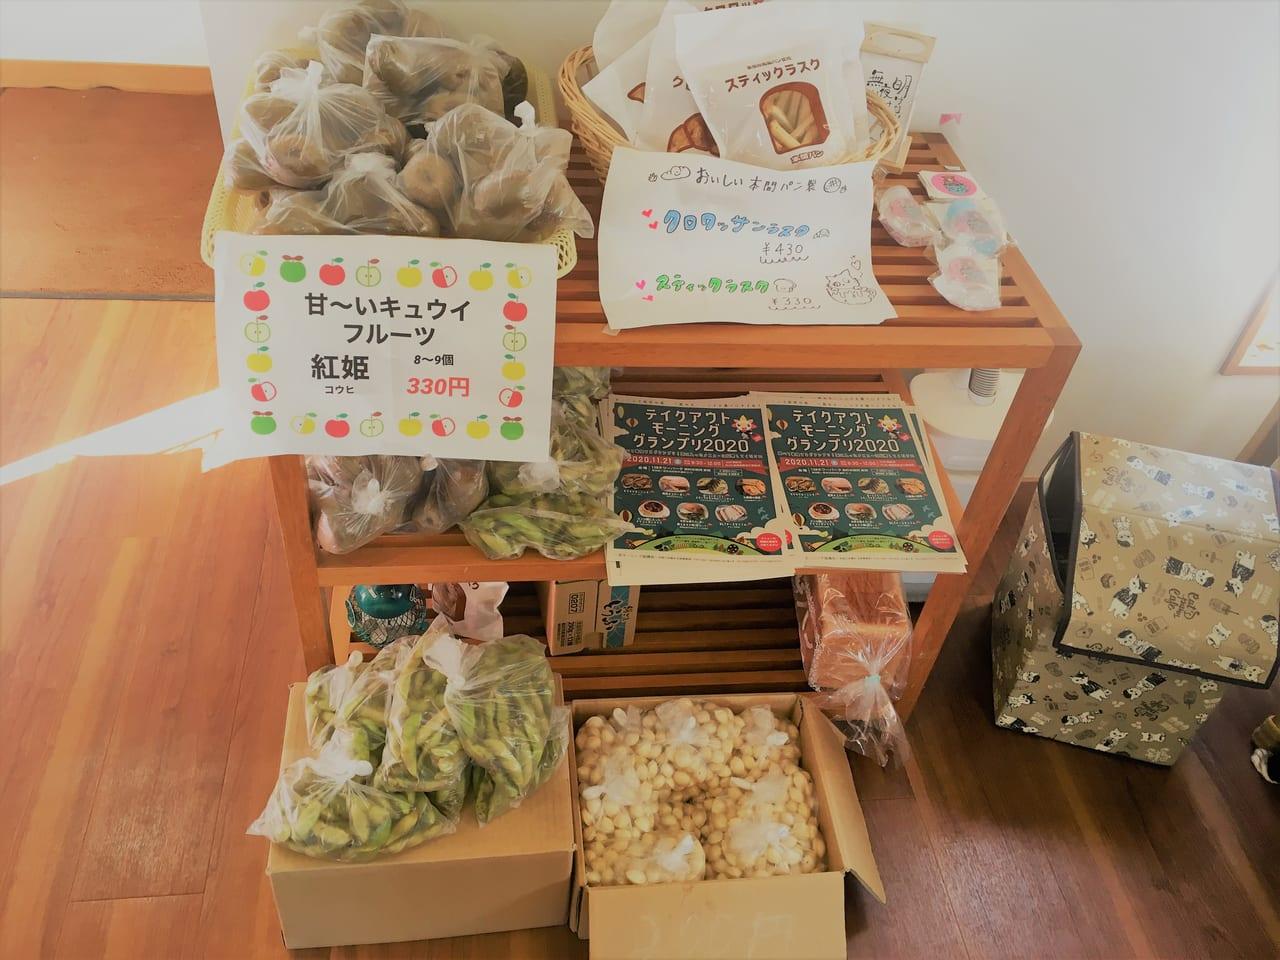 幸せ行きのカフェの野菜など売り場